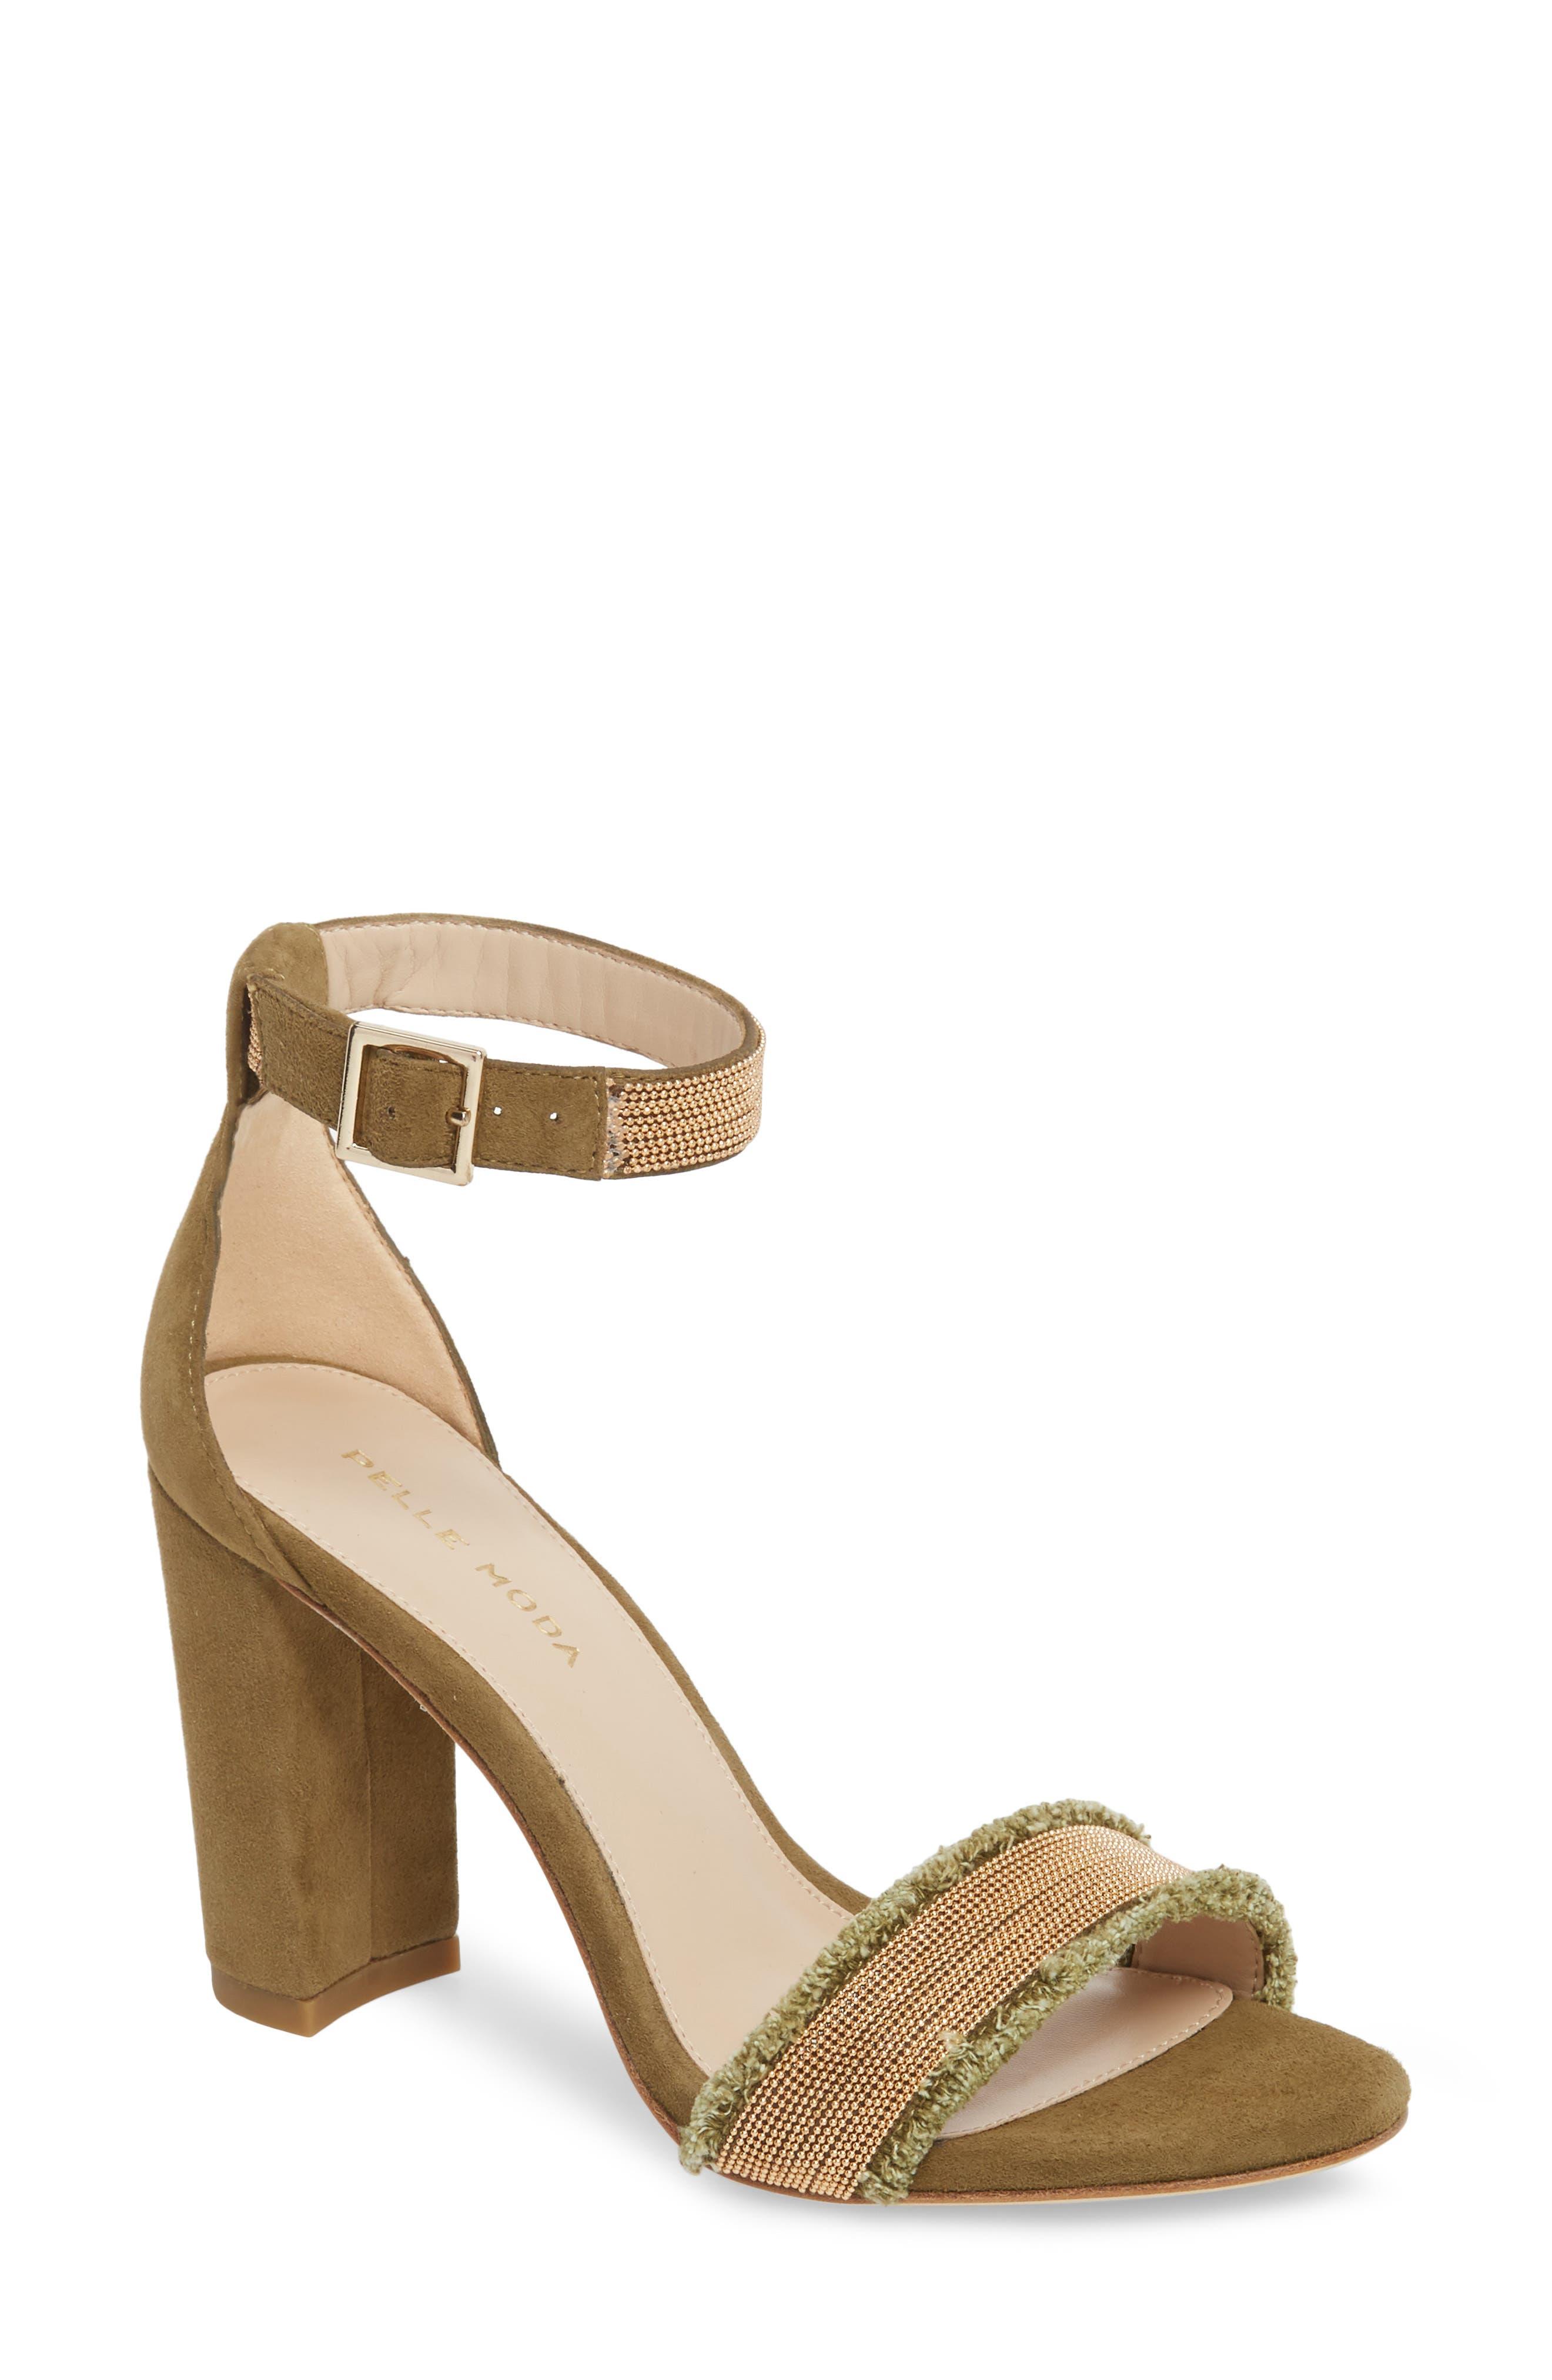 Bonnie6 Embellished Sandal,                             Main thumbnail 1, color,                             KHAKI SUEDE